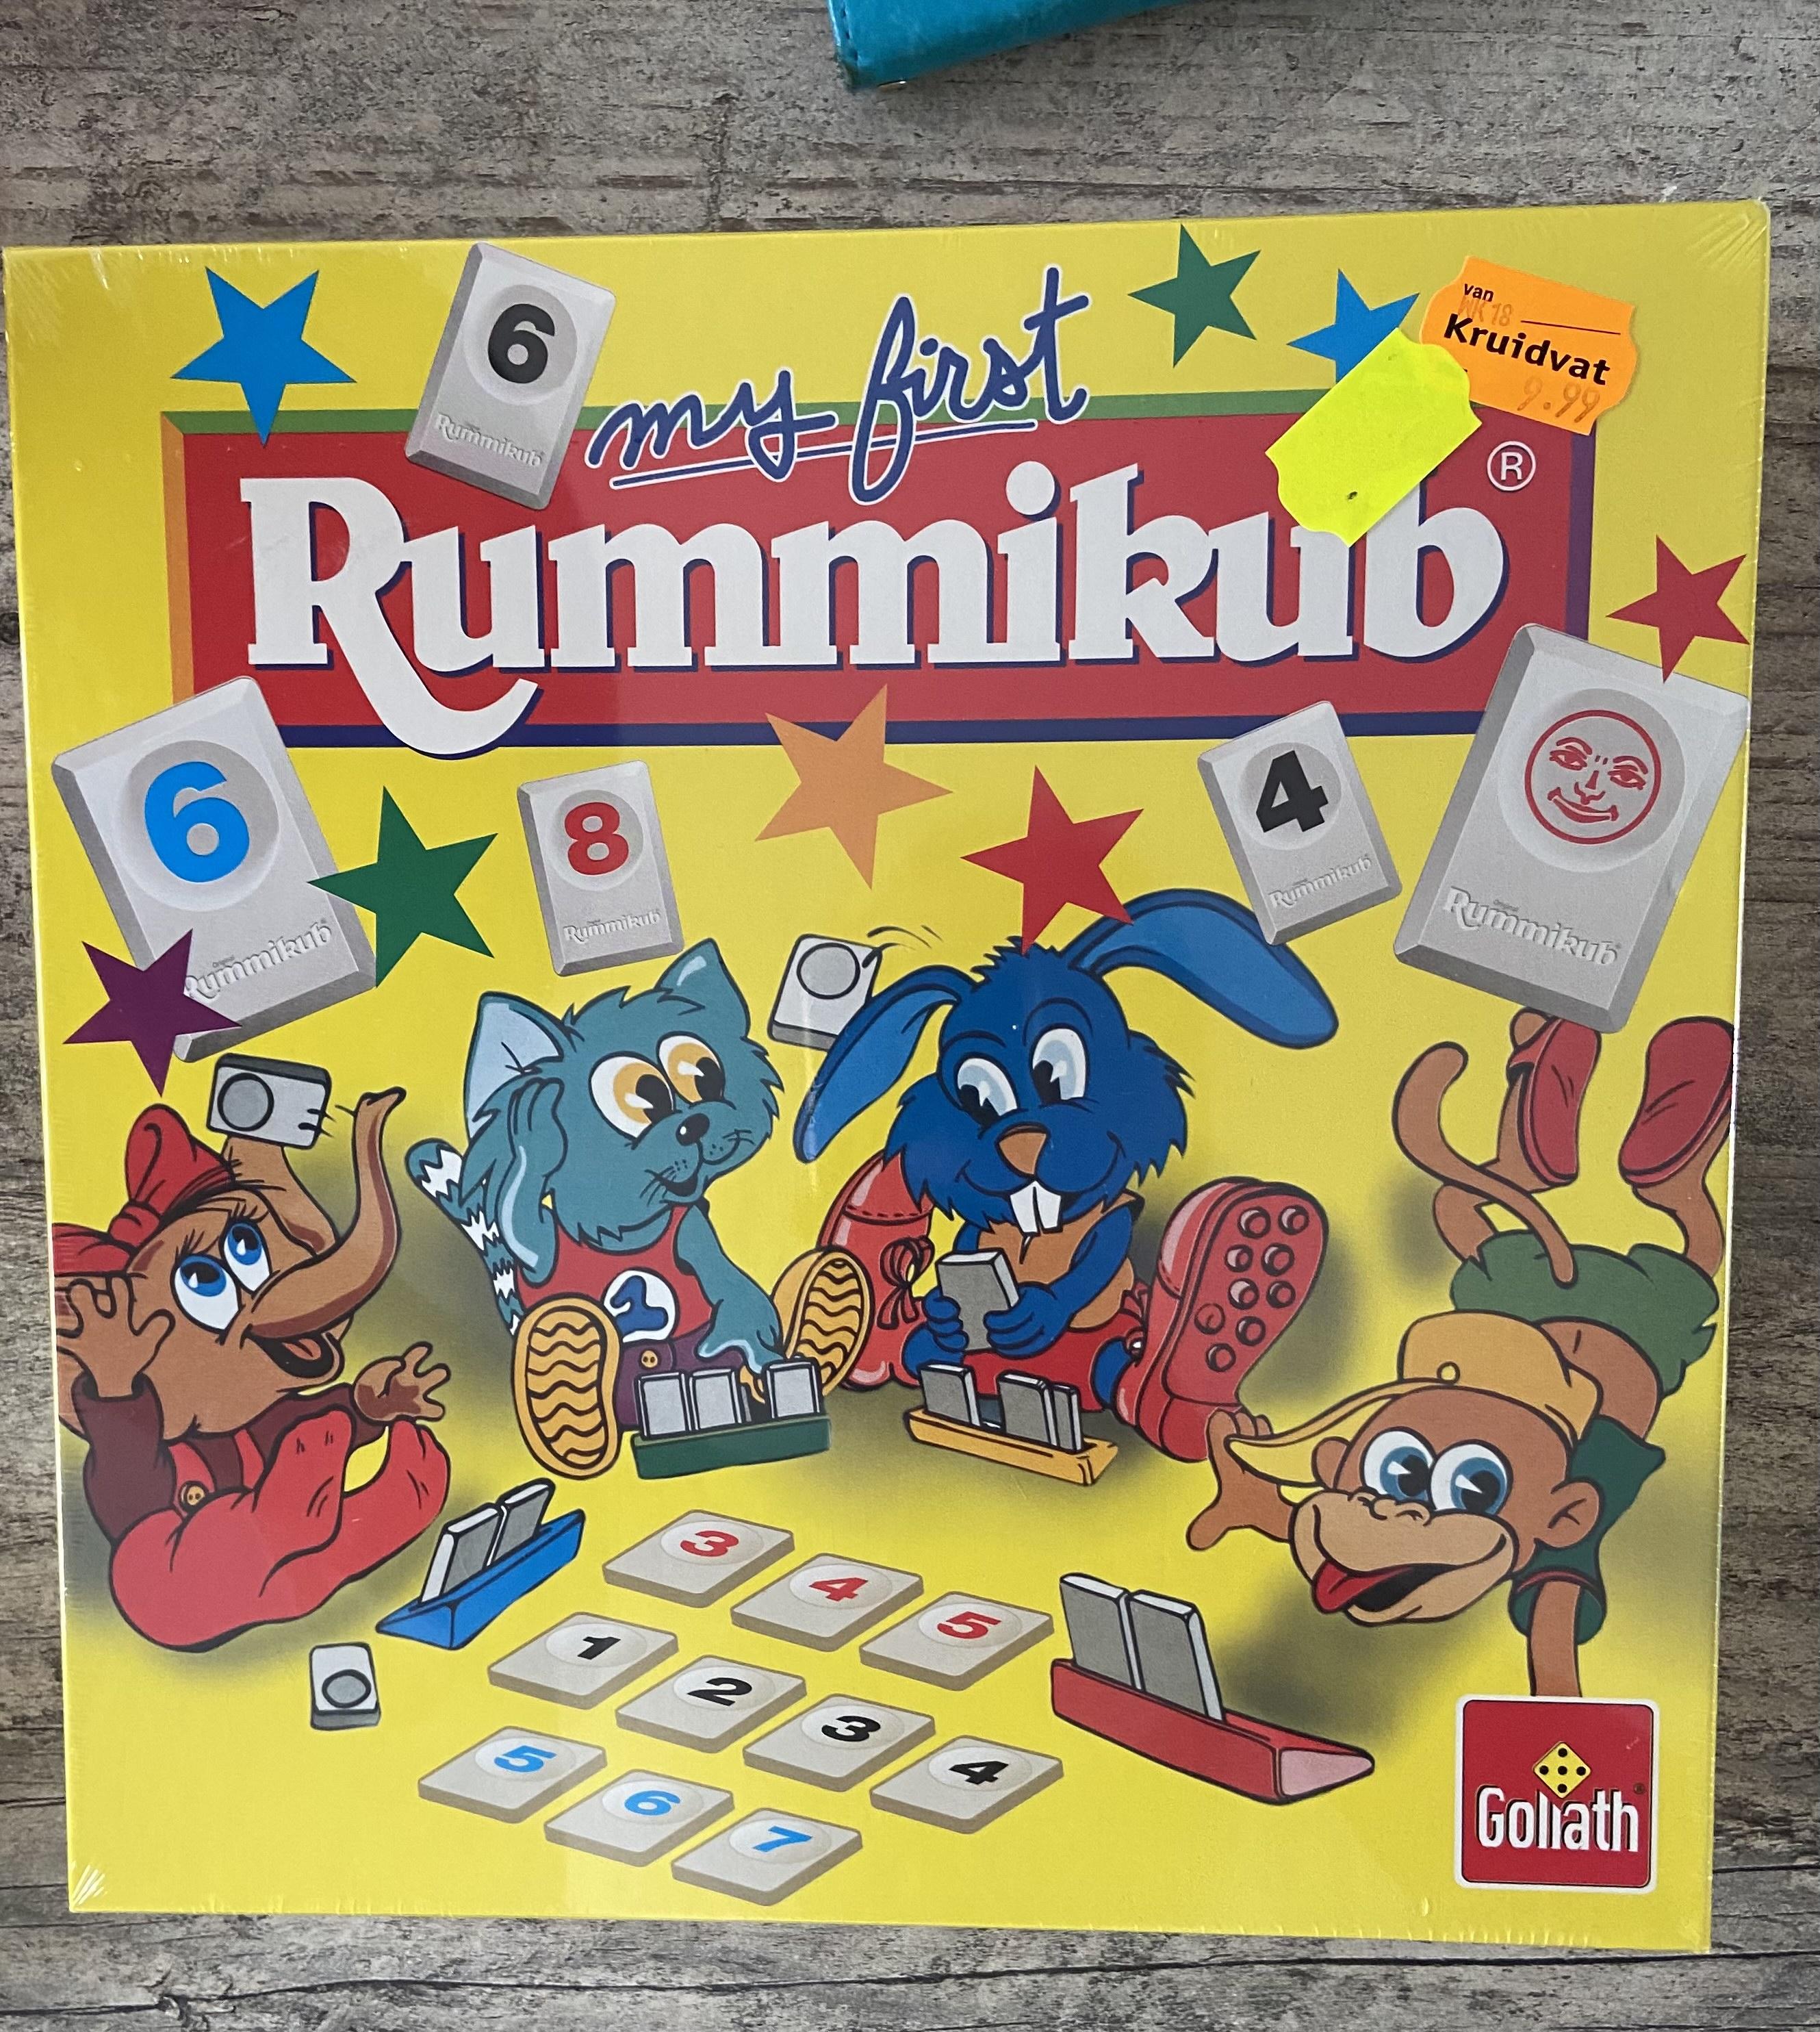 Mijn eerste Rummikub (Kinder rummikub) @Kruidvat